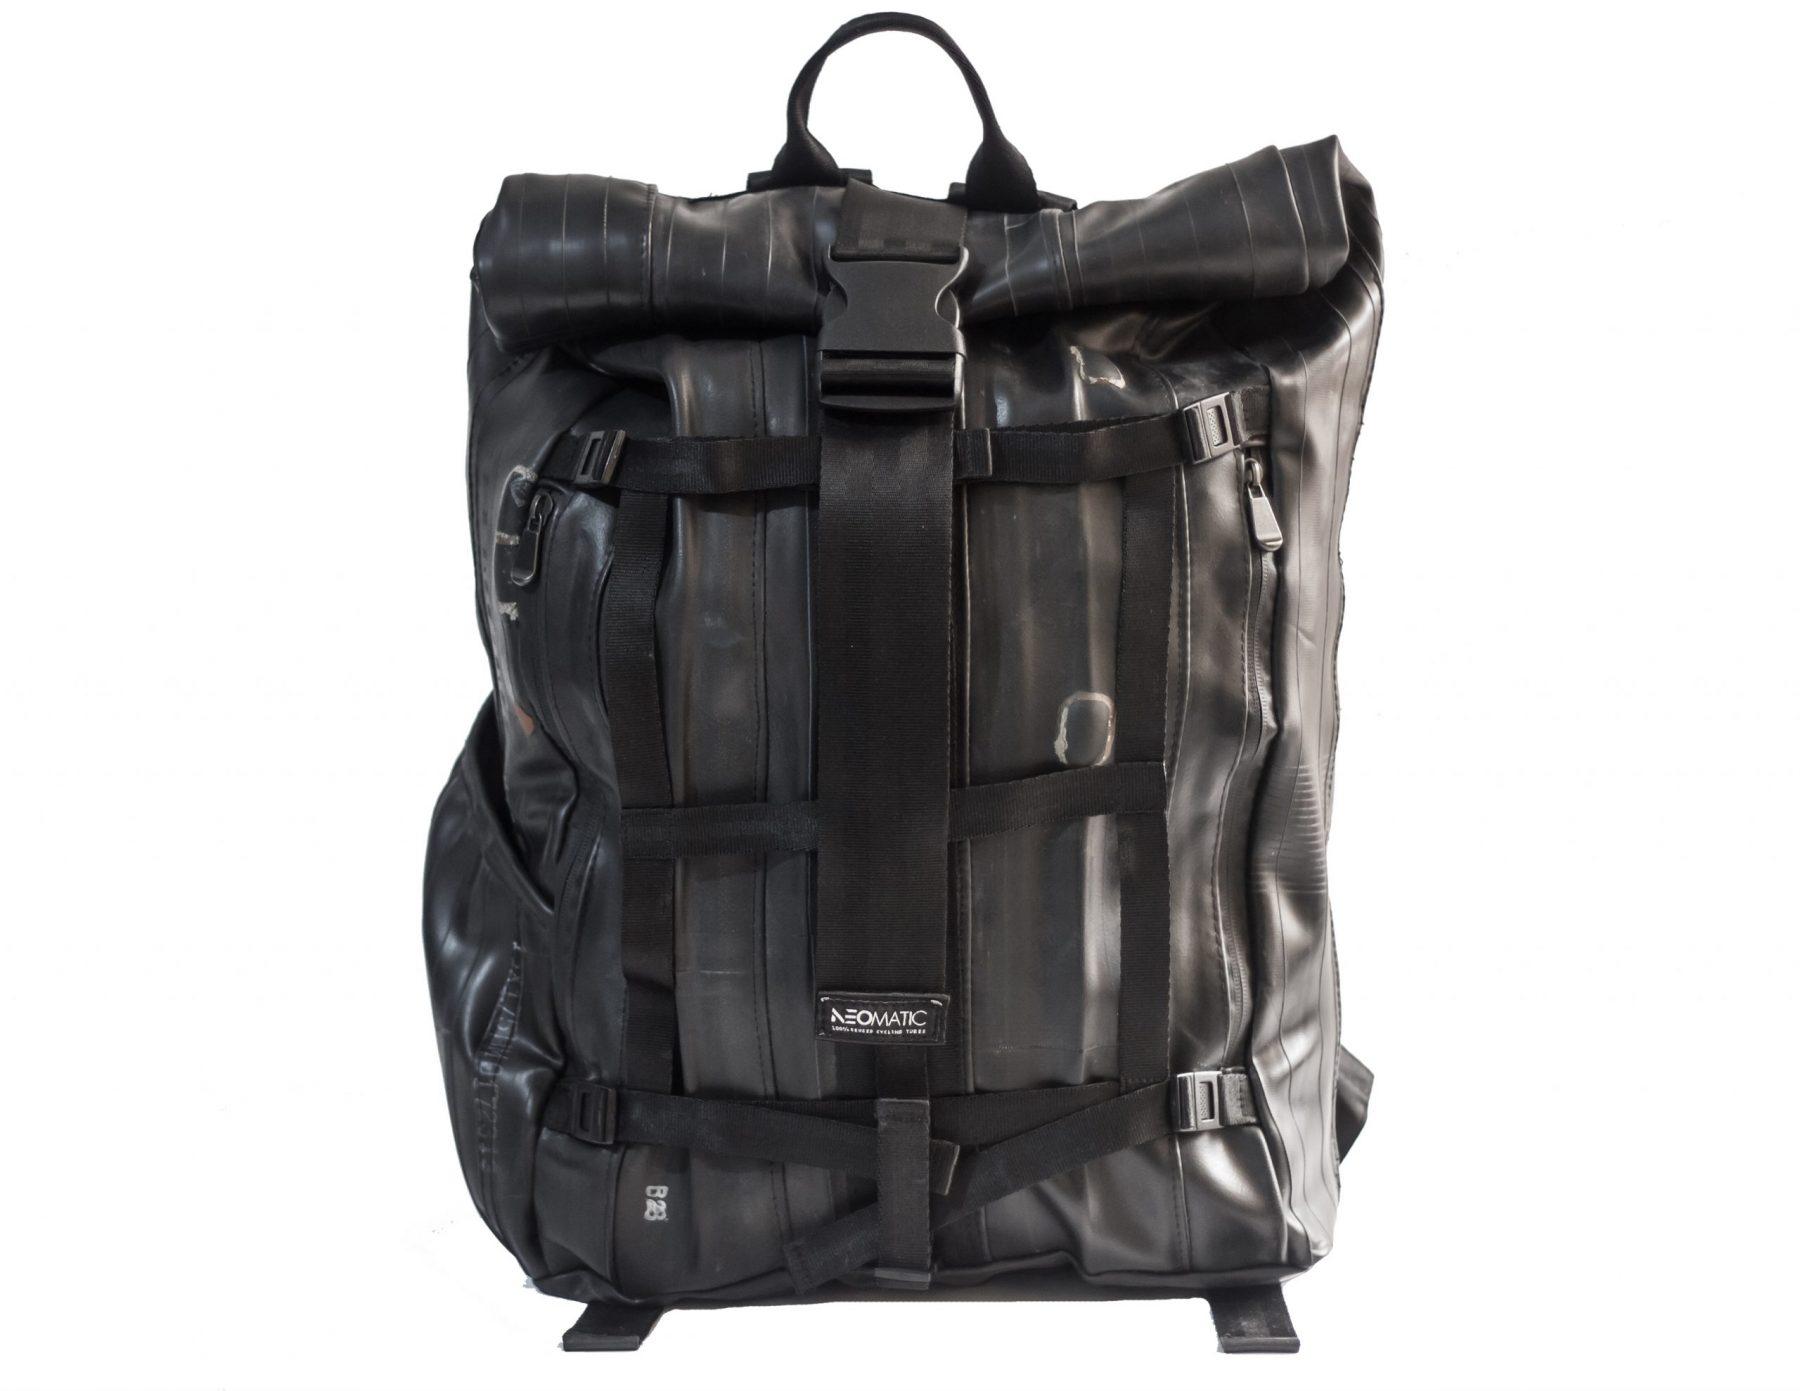 Waterproof Roll-Top bag Cargo NeoMatic Workshop